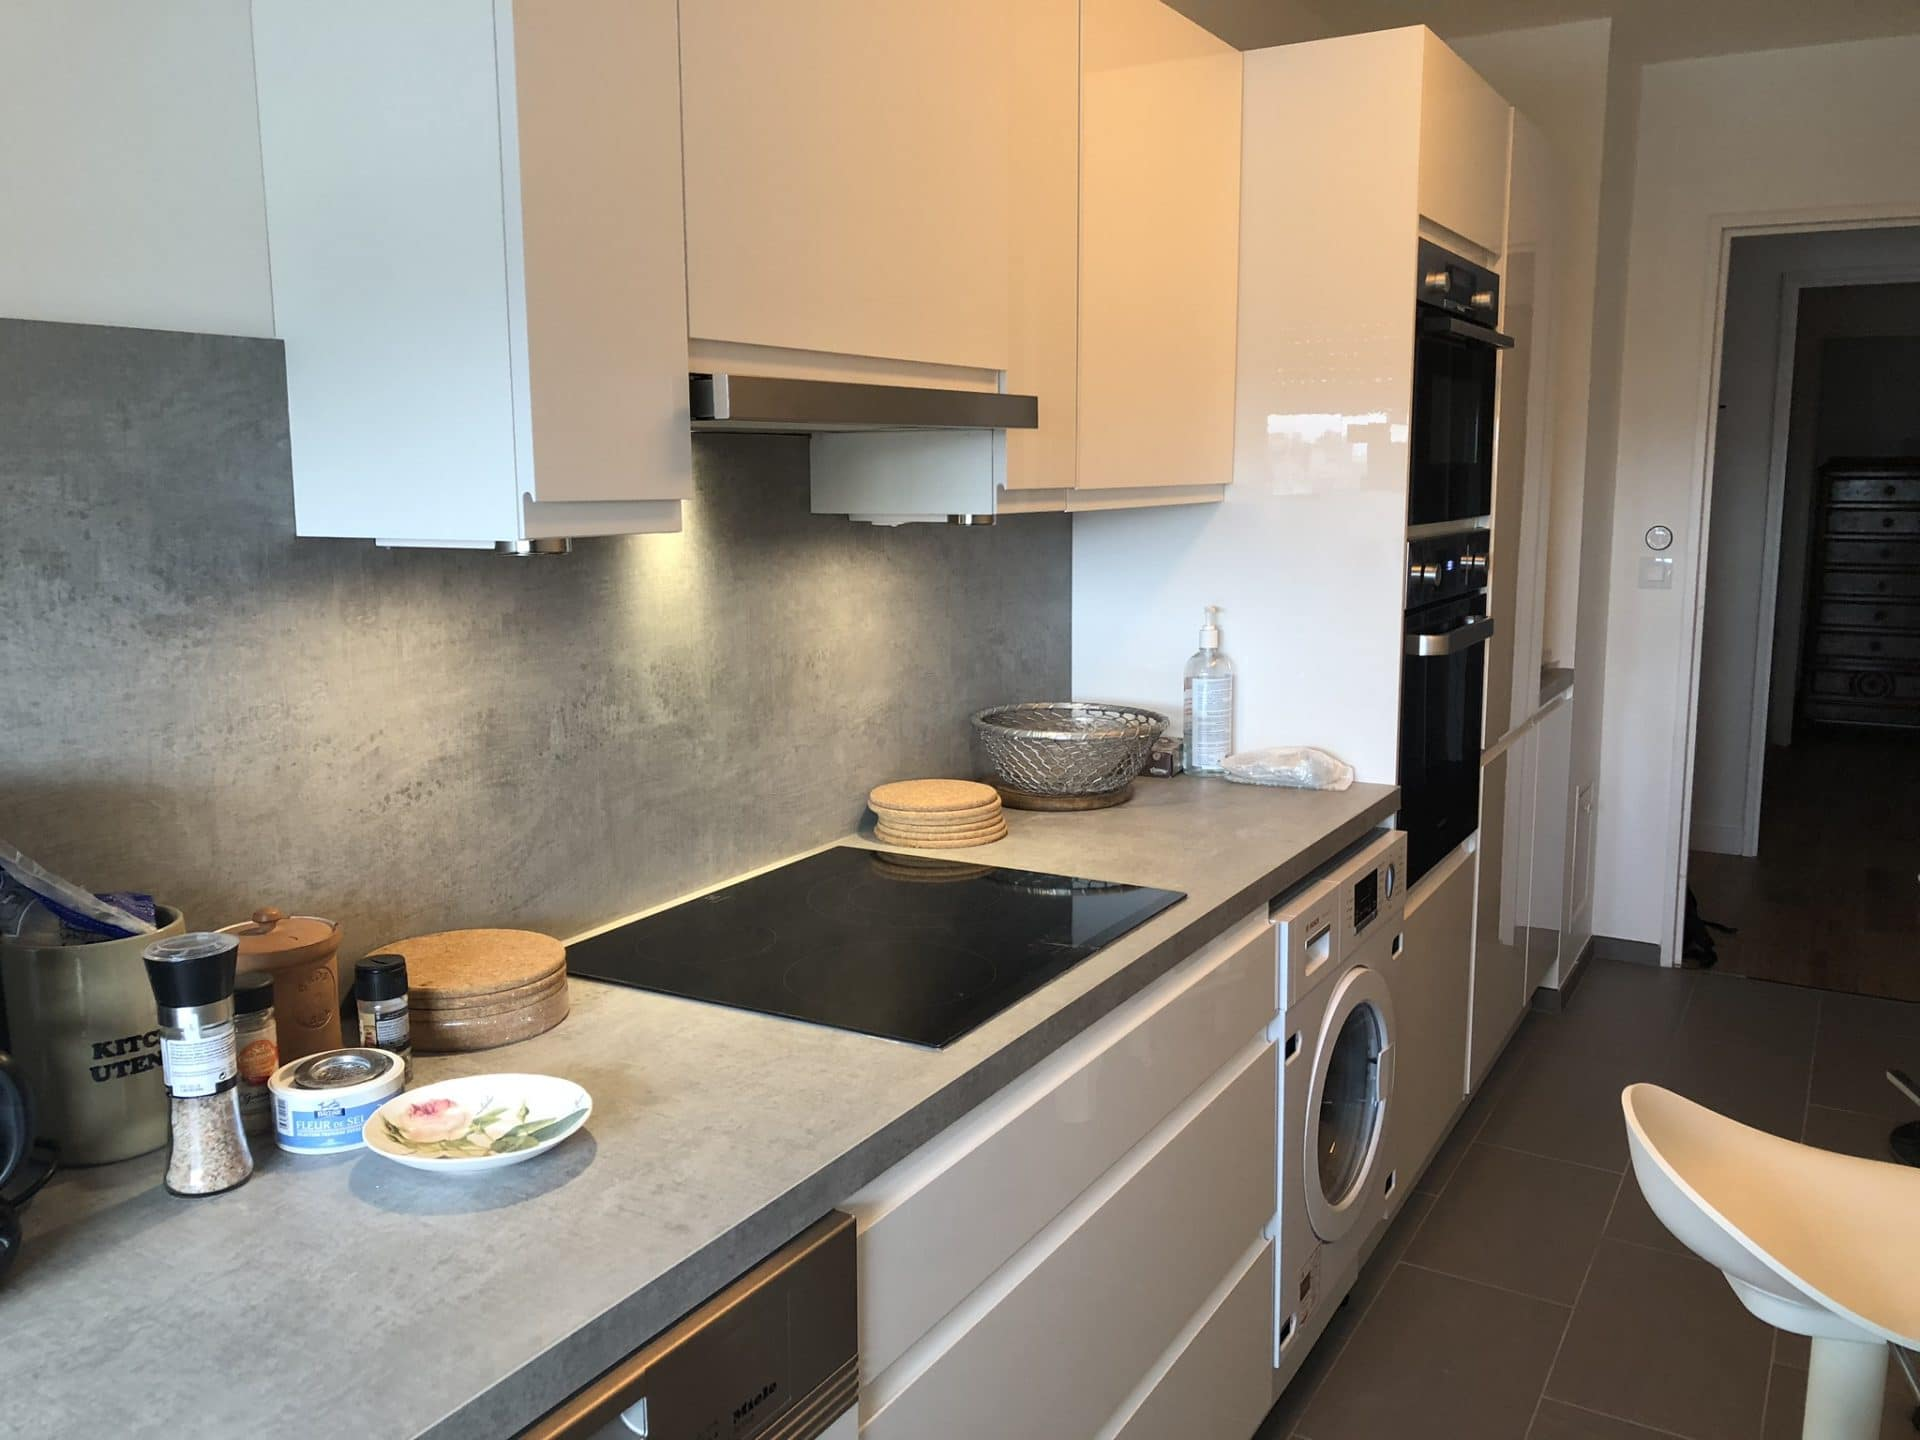 Rénovation partielle d'un appartement dans le 11e arrondissement de Paris